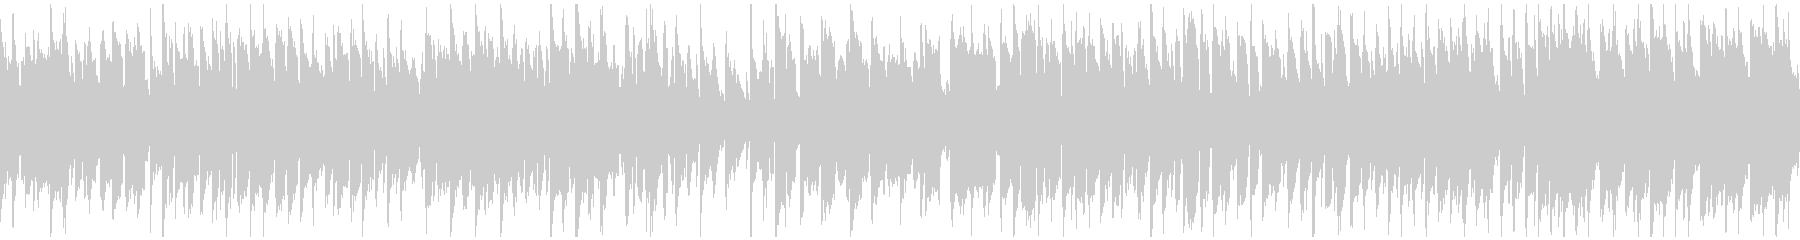 嬉しい気分の日常系リコーダー曲※ループ版の未再生の波形